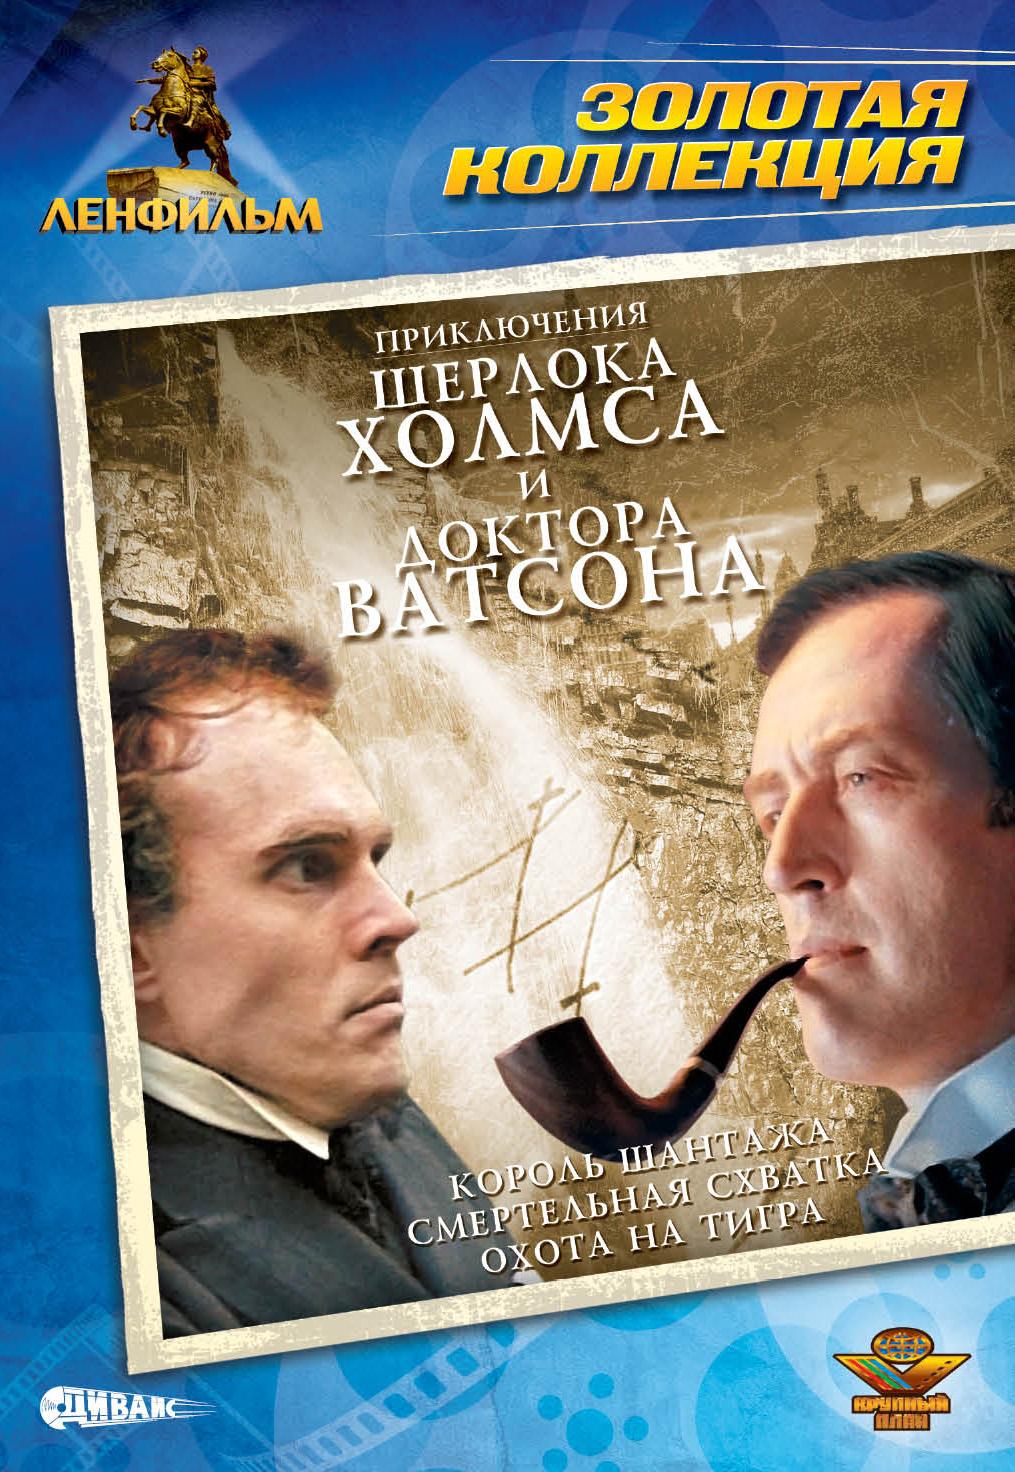 Шерлок холмс и доктор ватсон смотреть онлайн 15 фотография